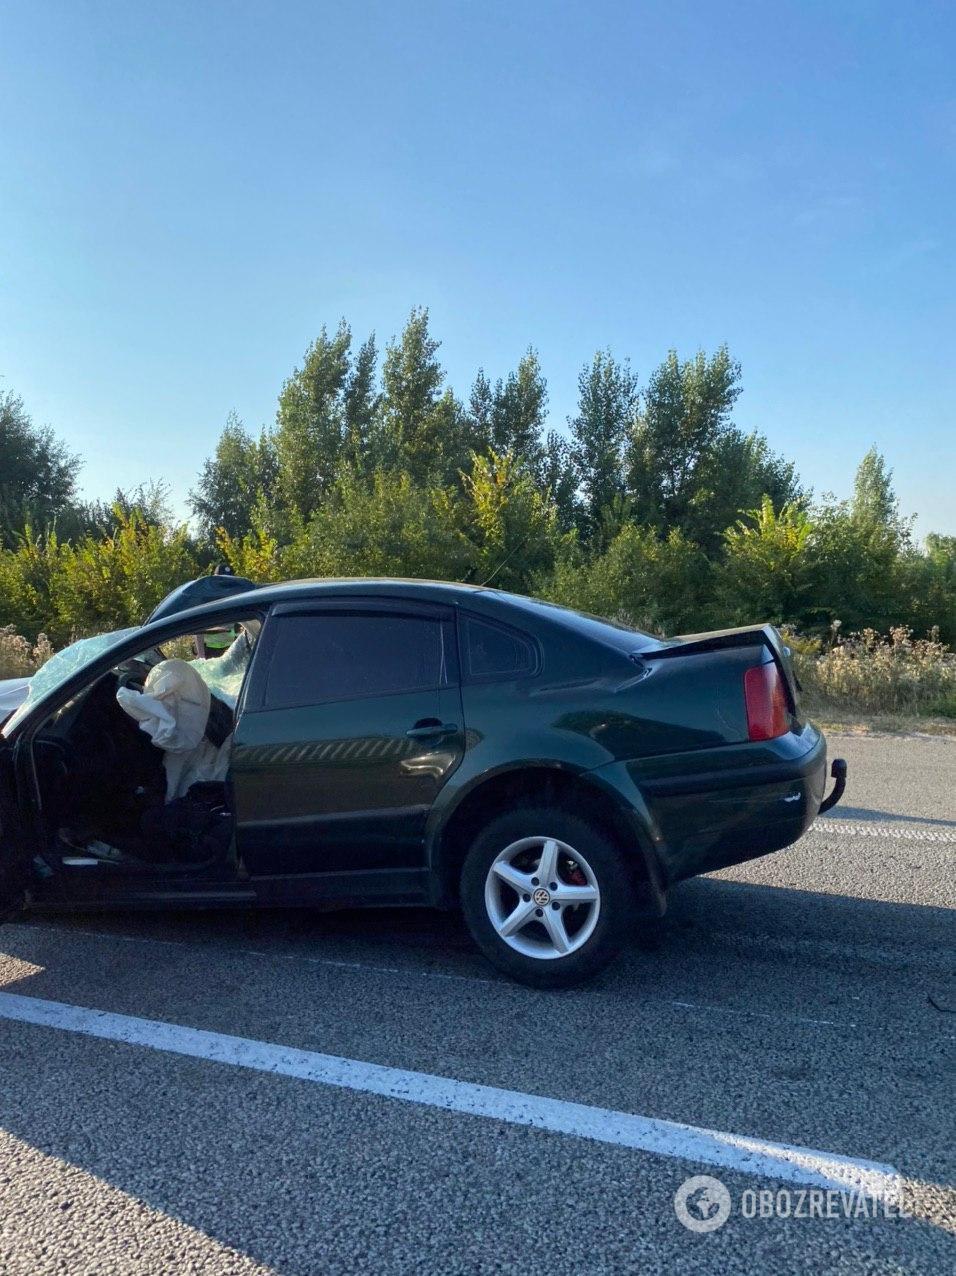 33-річний чоловік їхав на власному автомобілі